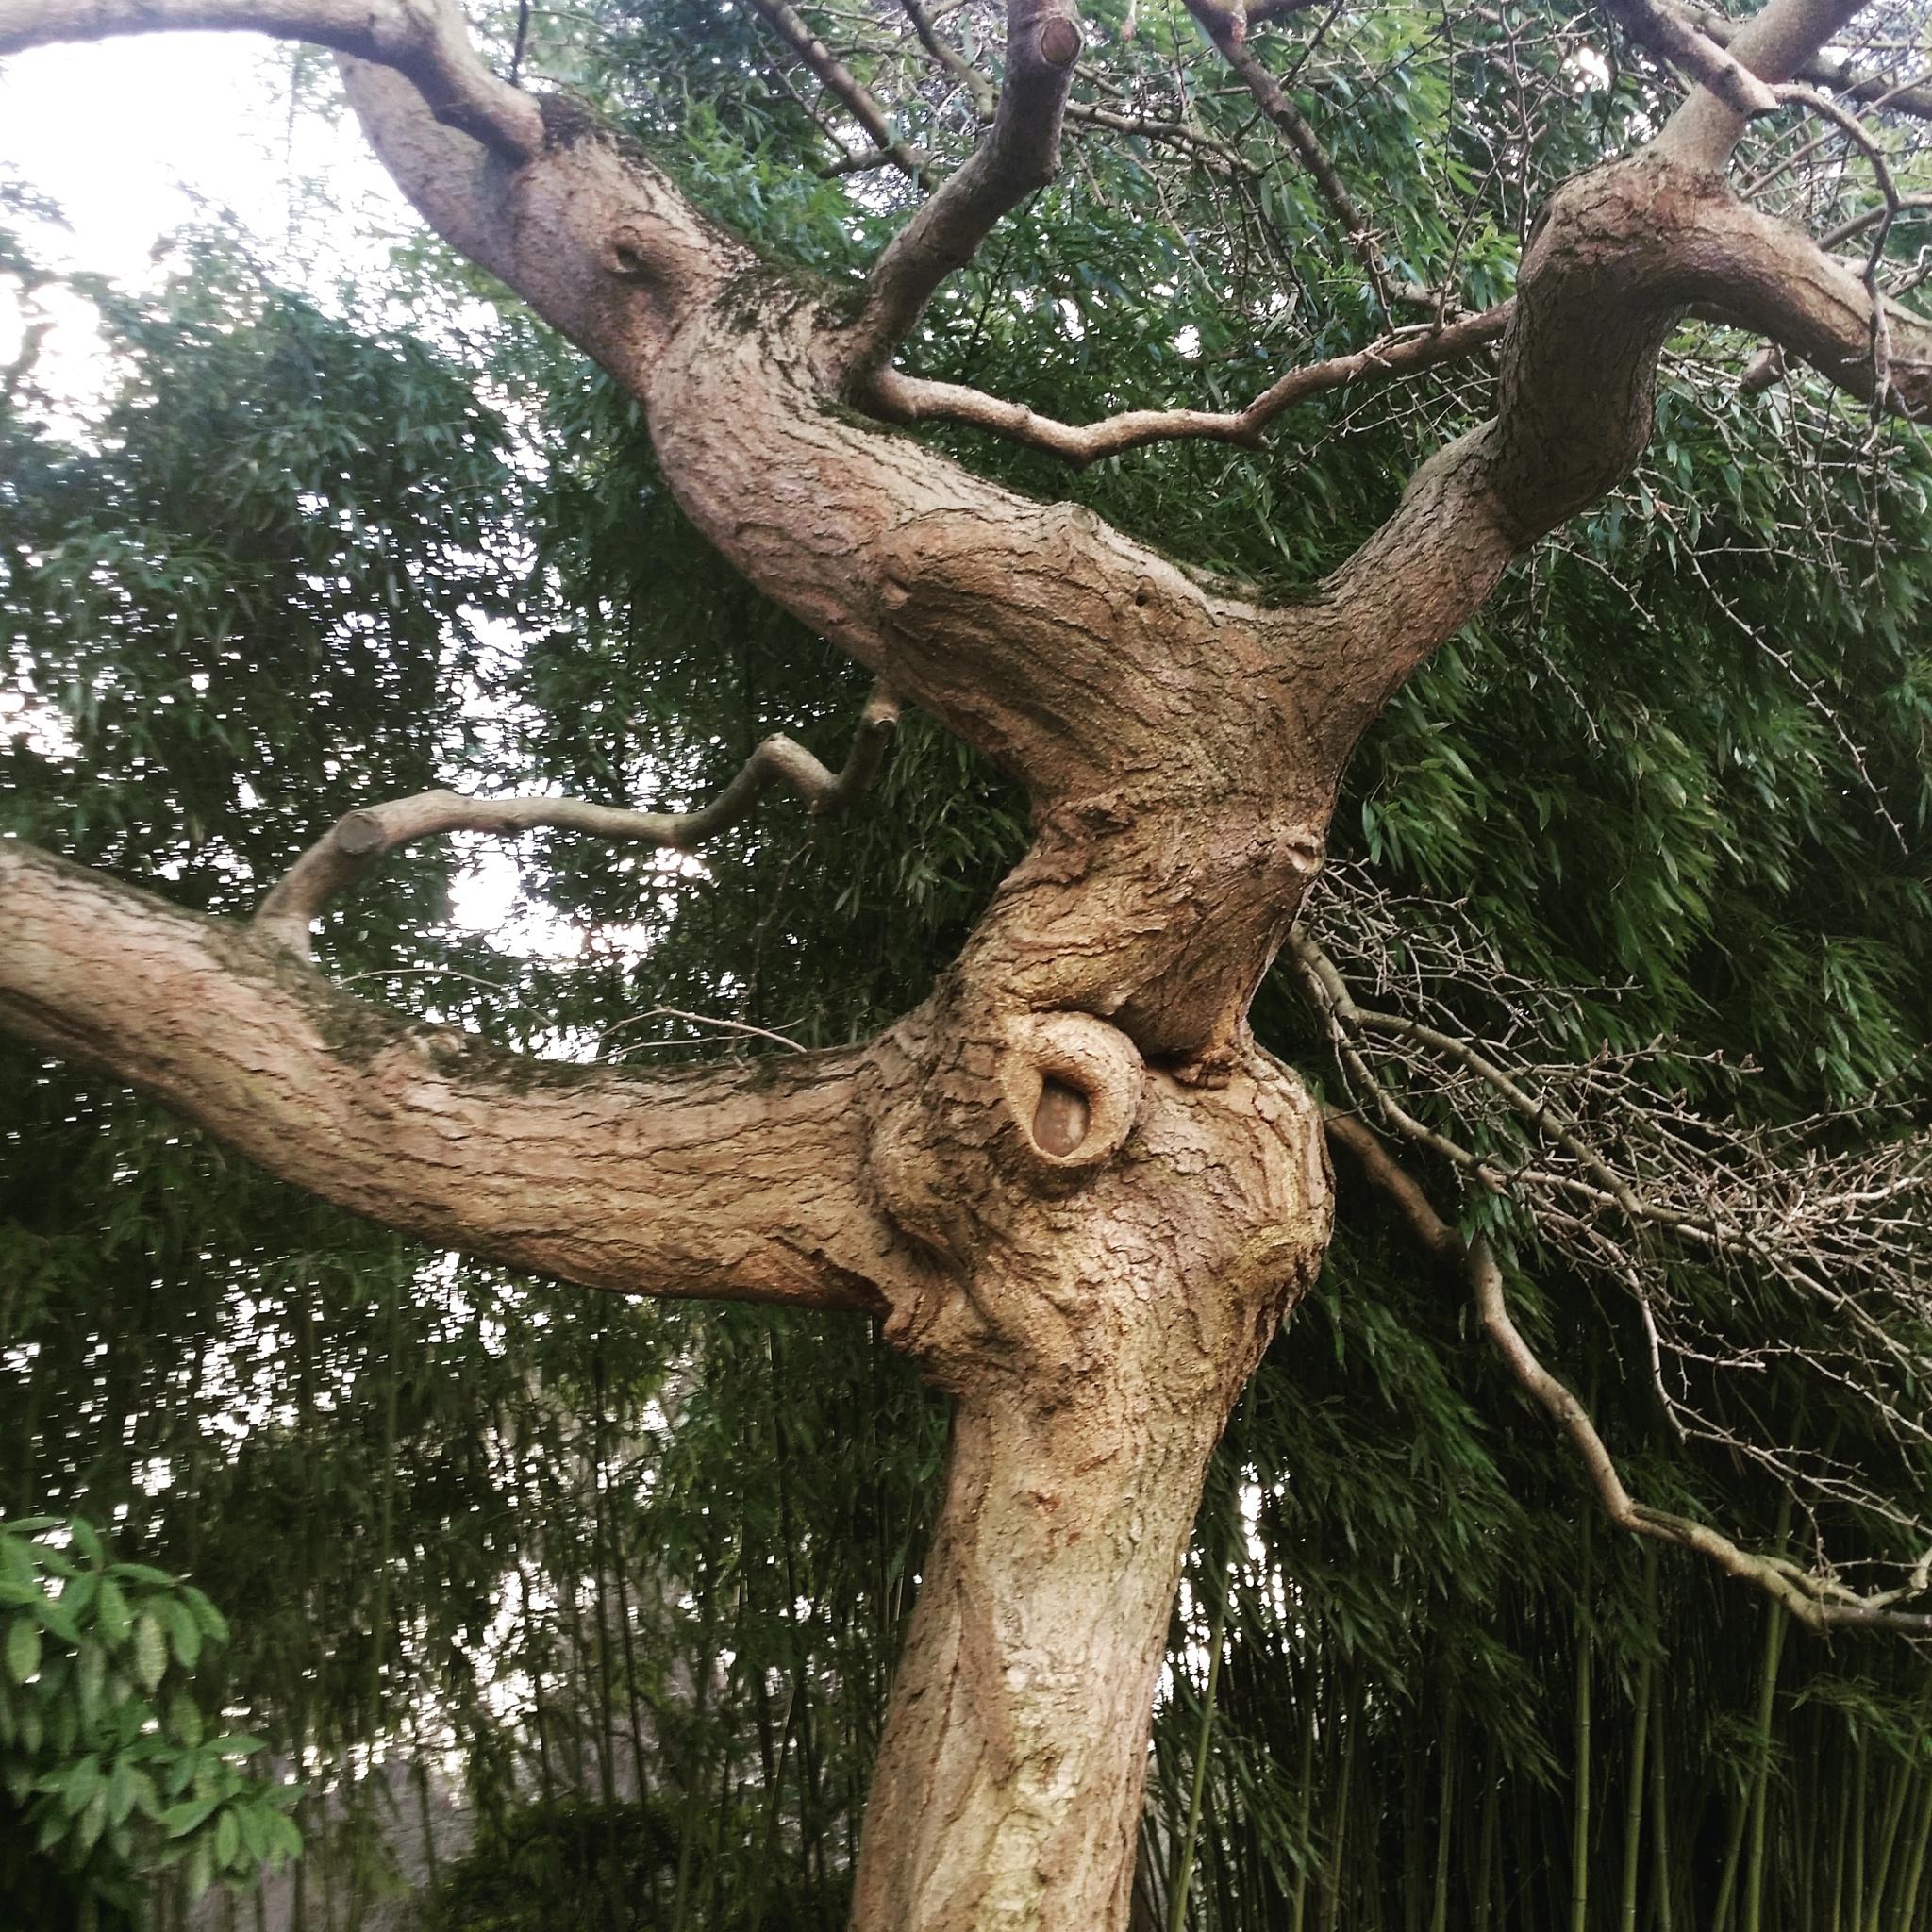 arbre du jardin d'Albert Kahn by Christophe LE COMTE